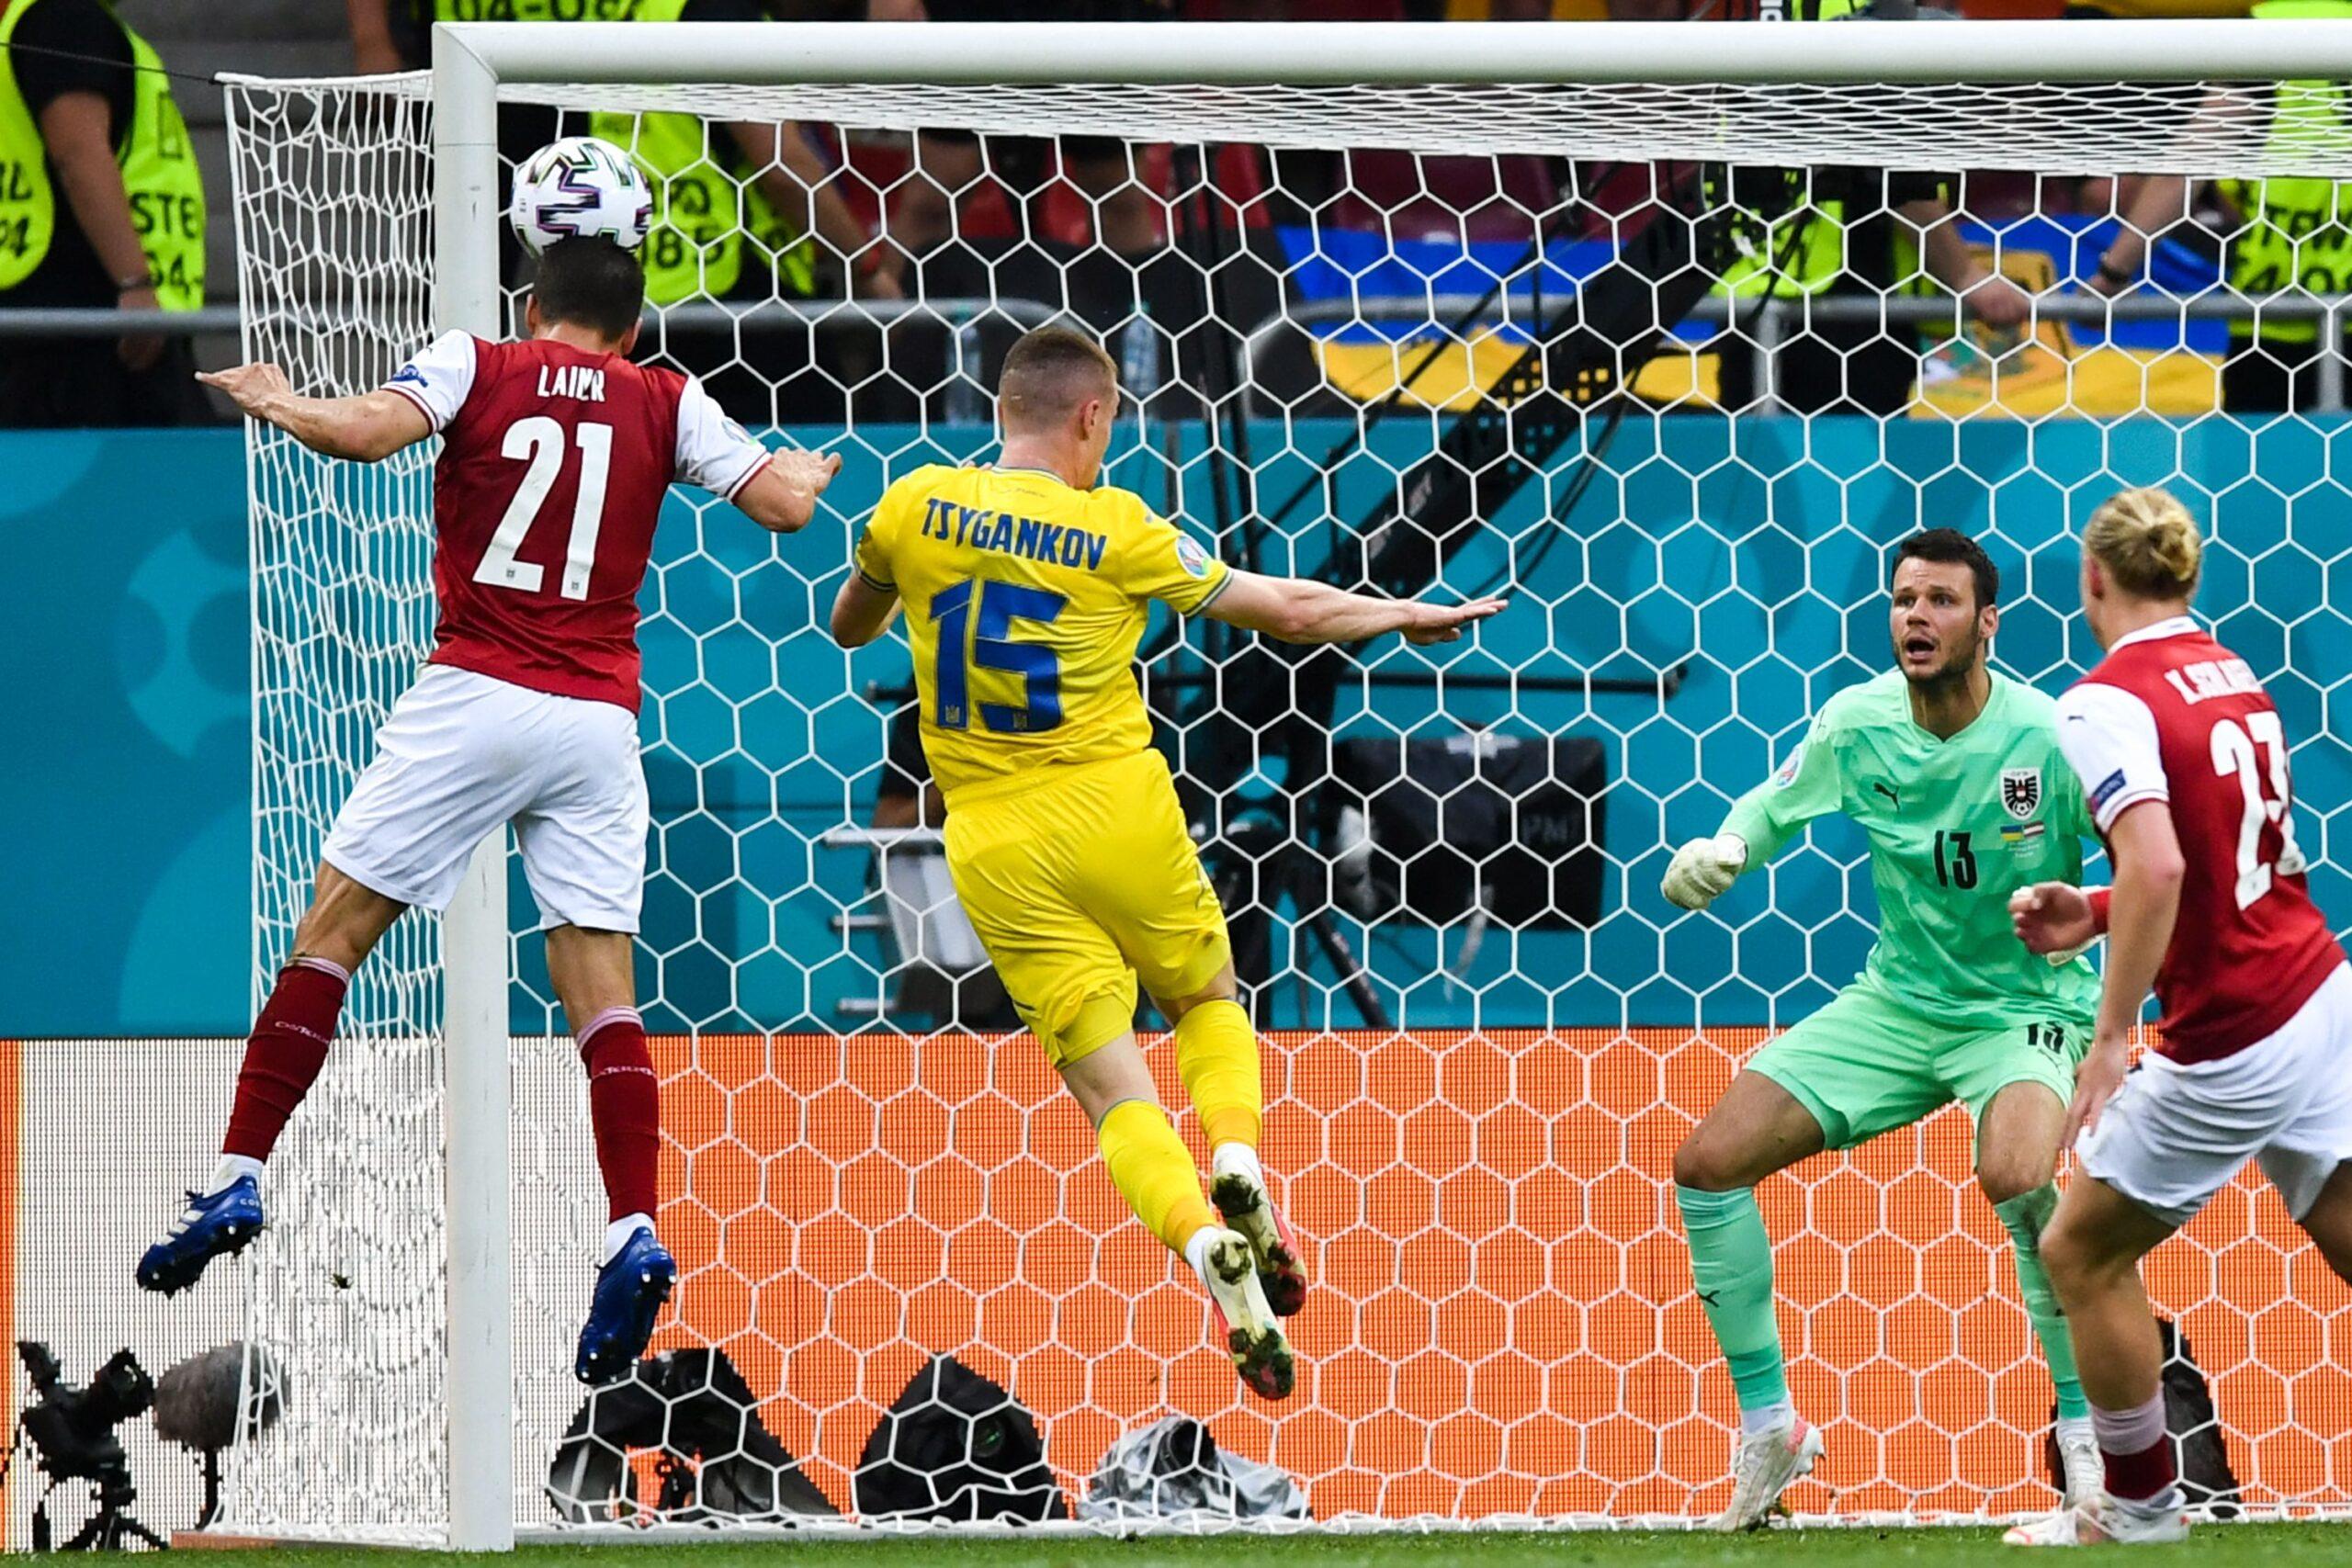 🎥Եվրո-2020․ Ավստրիան նվազագույն հաշվով հաղթանակ տարավ Ուկրաինայի հավաքականի նկատմամբ